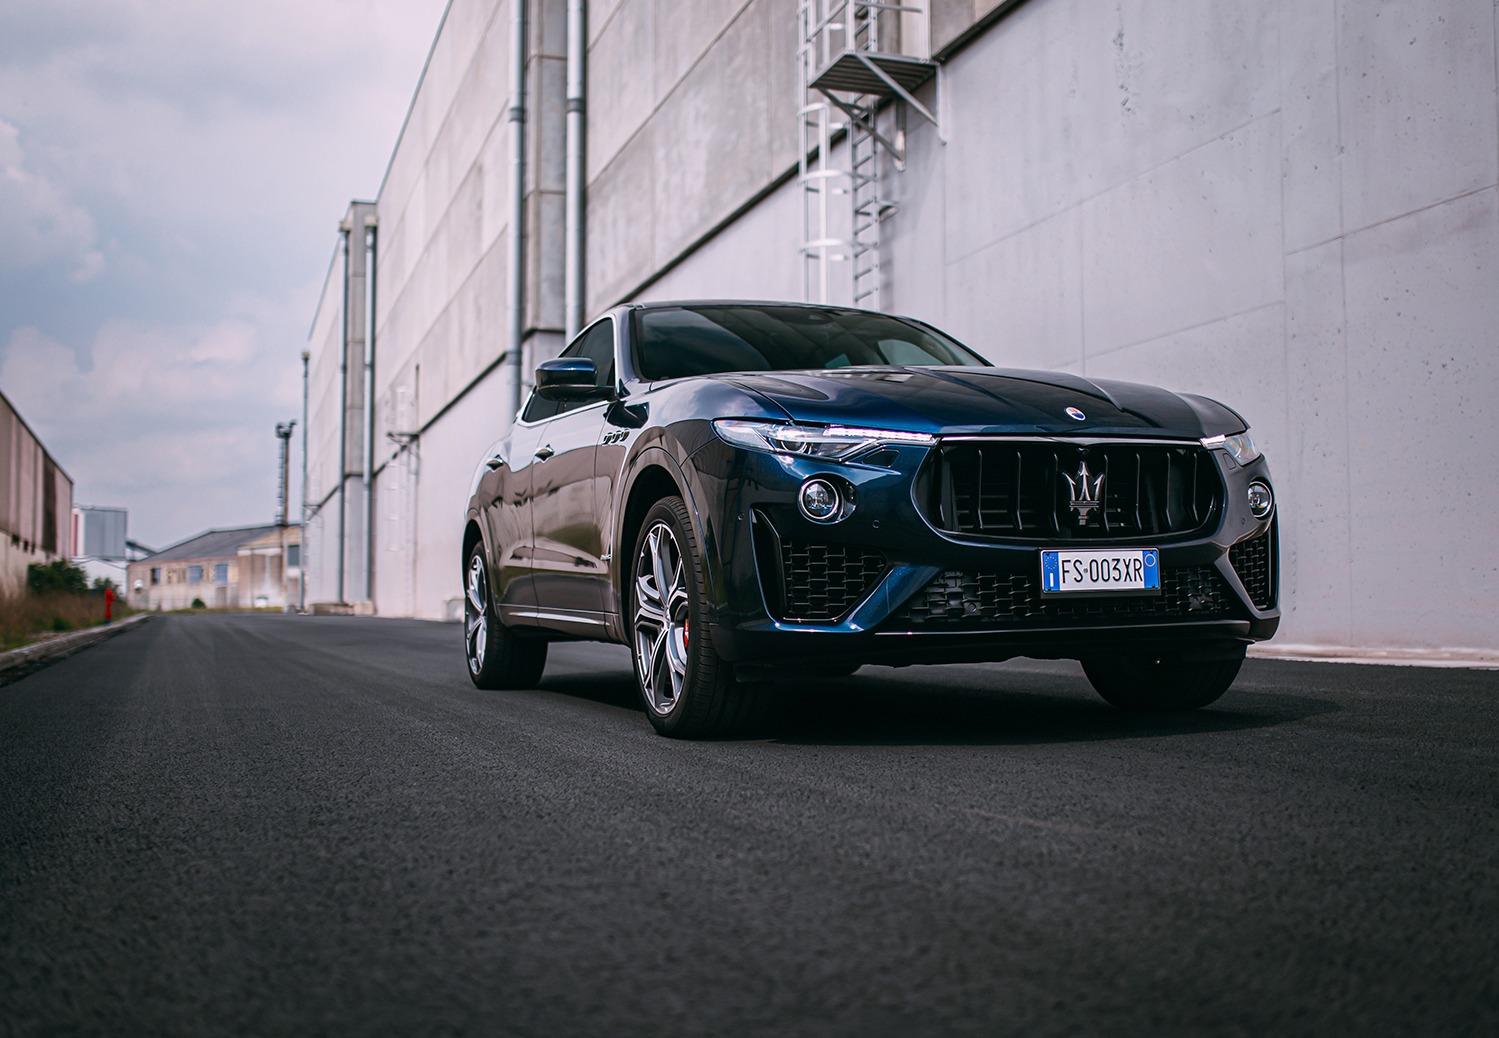 Rijtest: Maserati Levante S Gransport